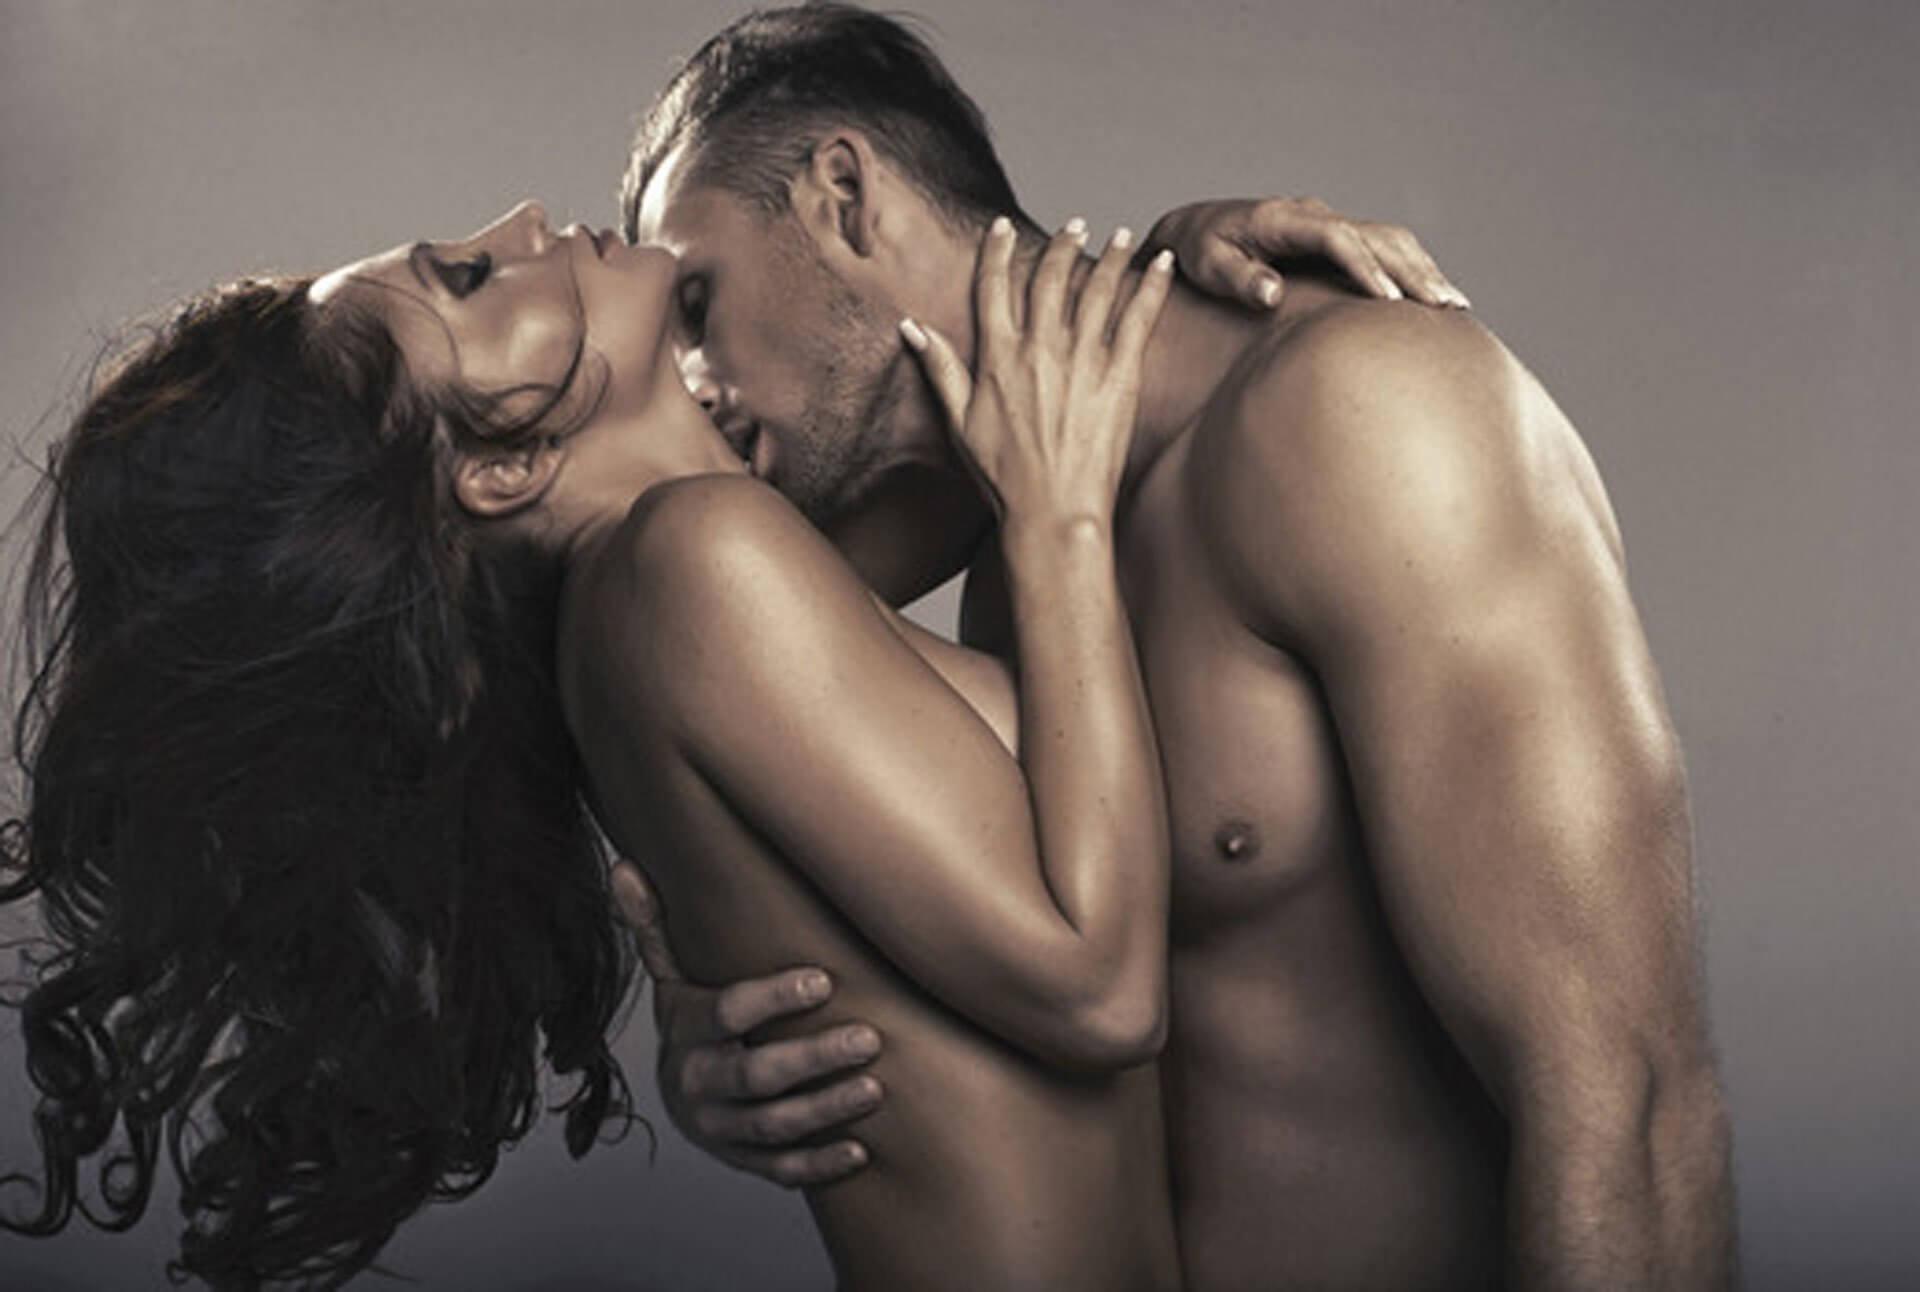 Еще сложнее каким-то образом выделить и определить нормальность в сфере секса, ведь это как раз та с